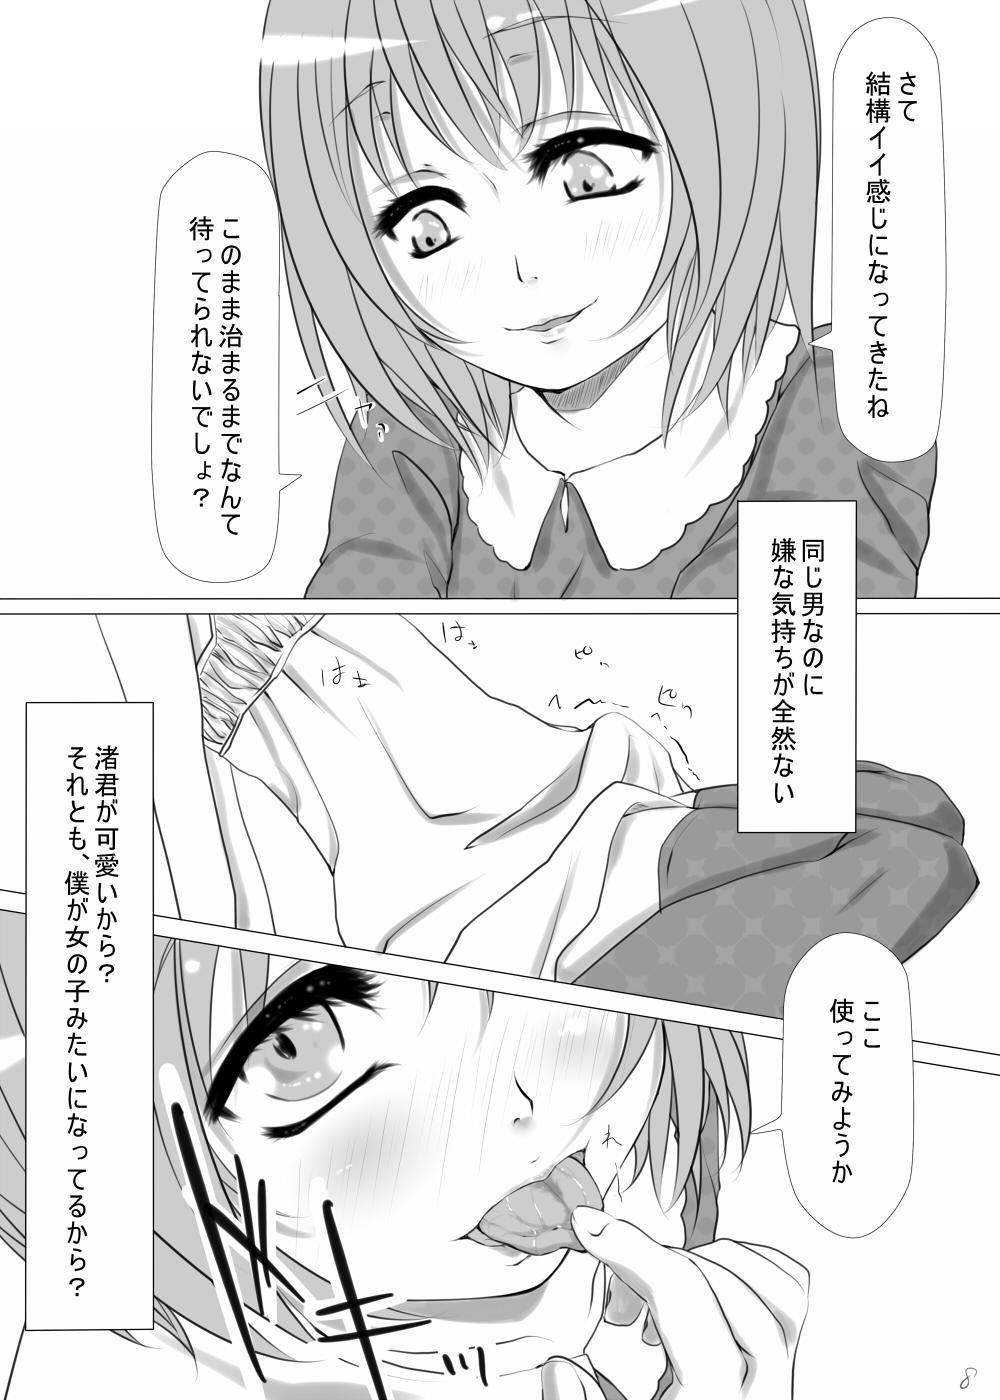 Otokonoko Tomodachi 9